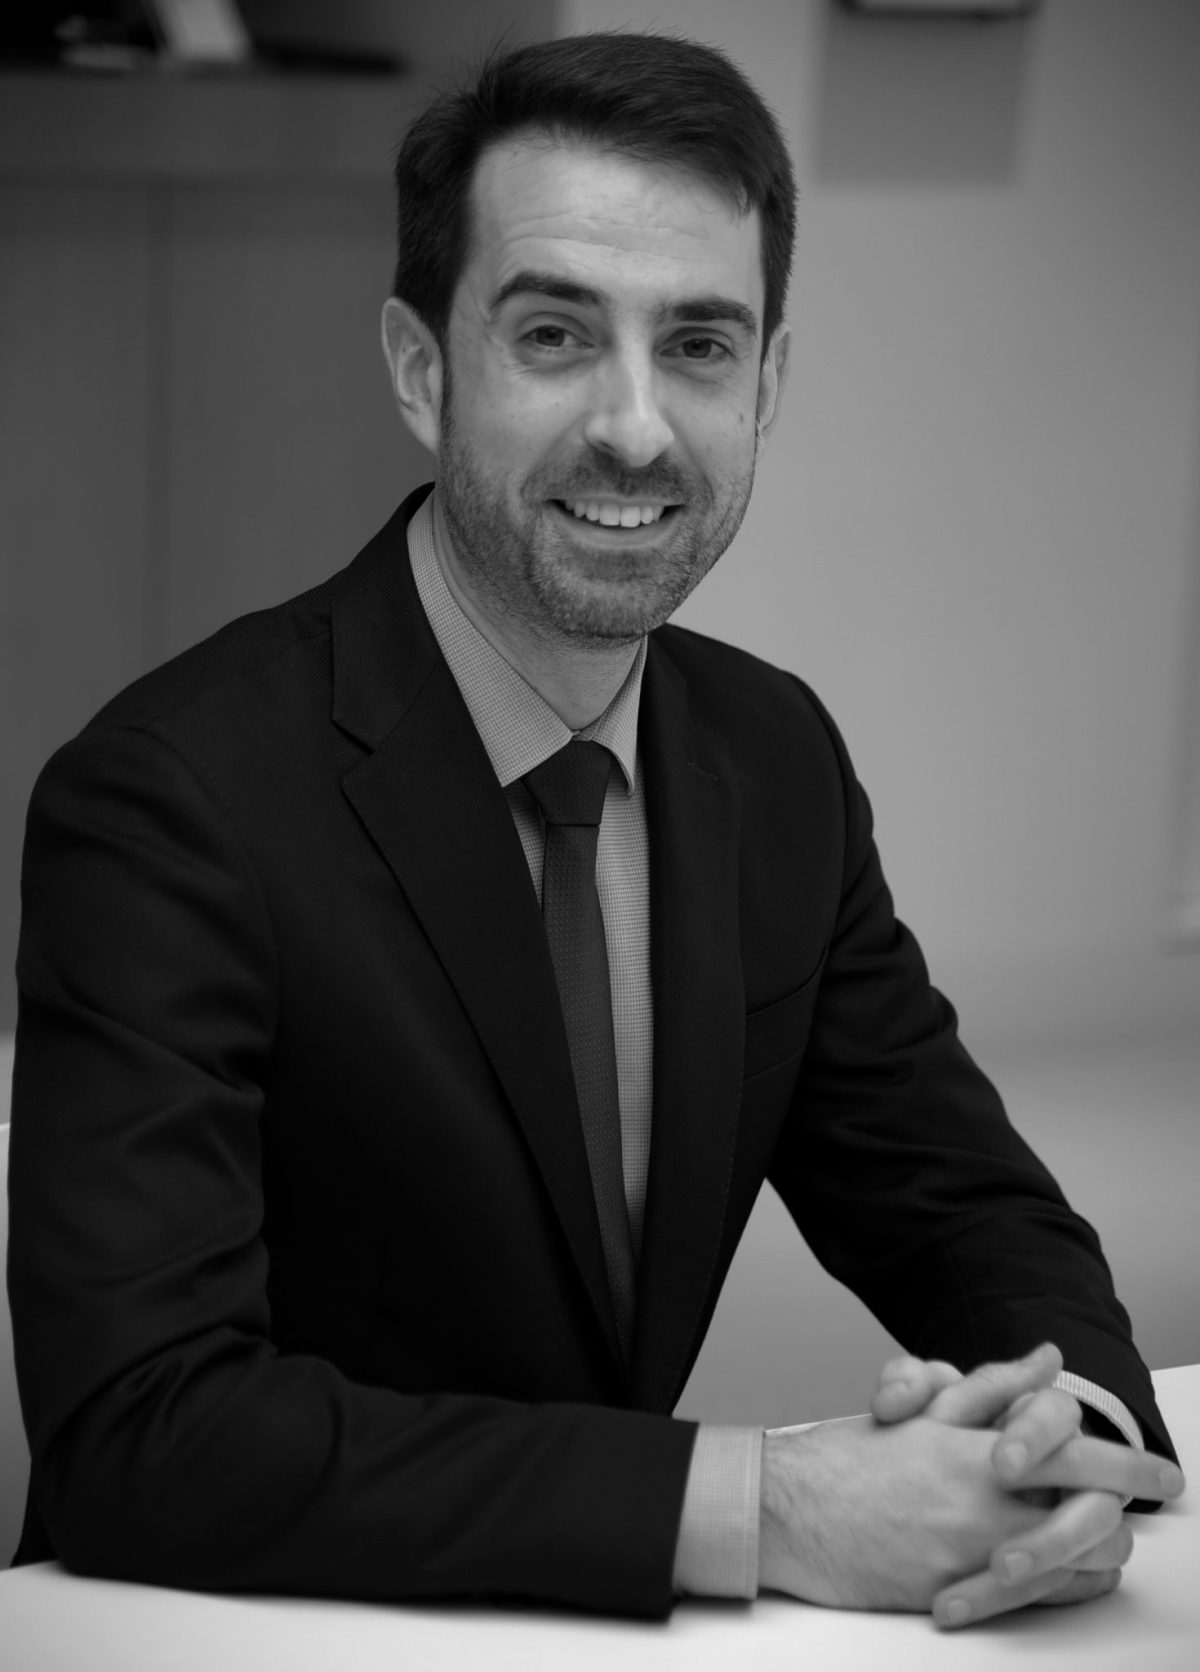 Alfonso Fernández, director de Marketing Corporativo, Comunicación y Relaciones Institucionales de Samsung Electronics Iberia